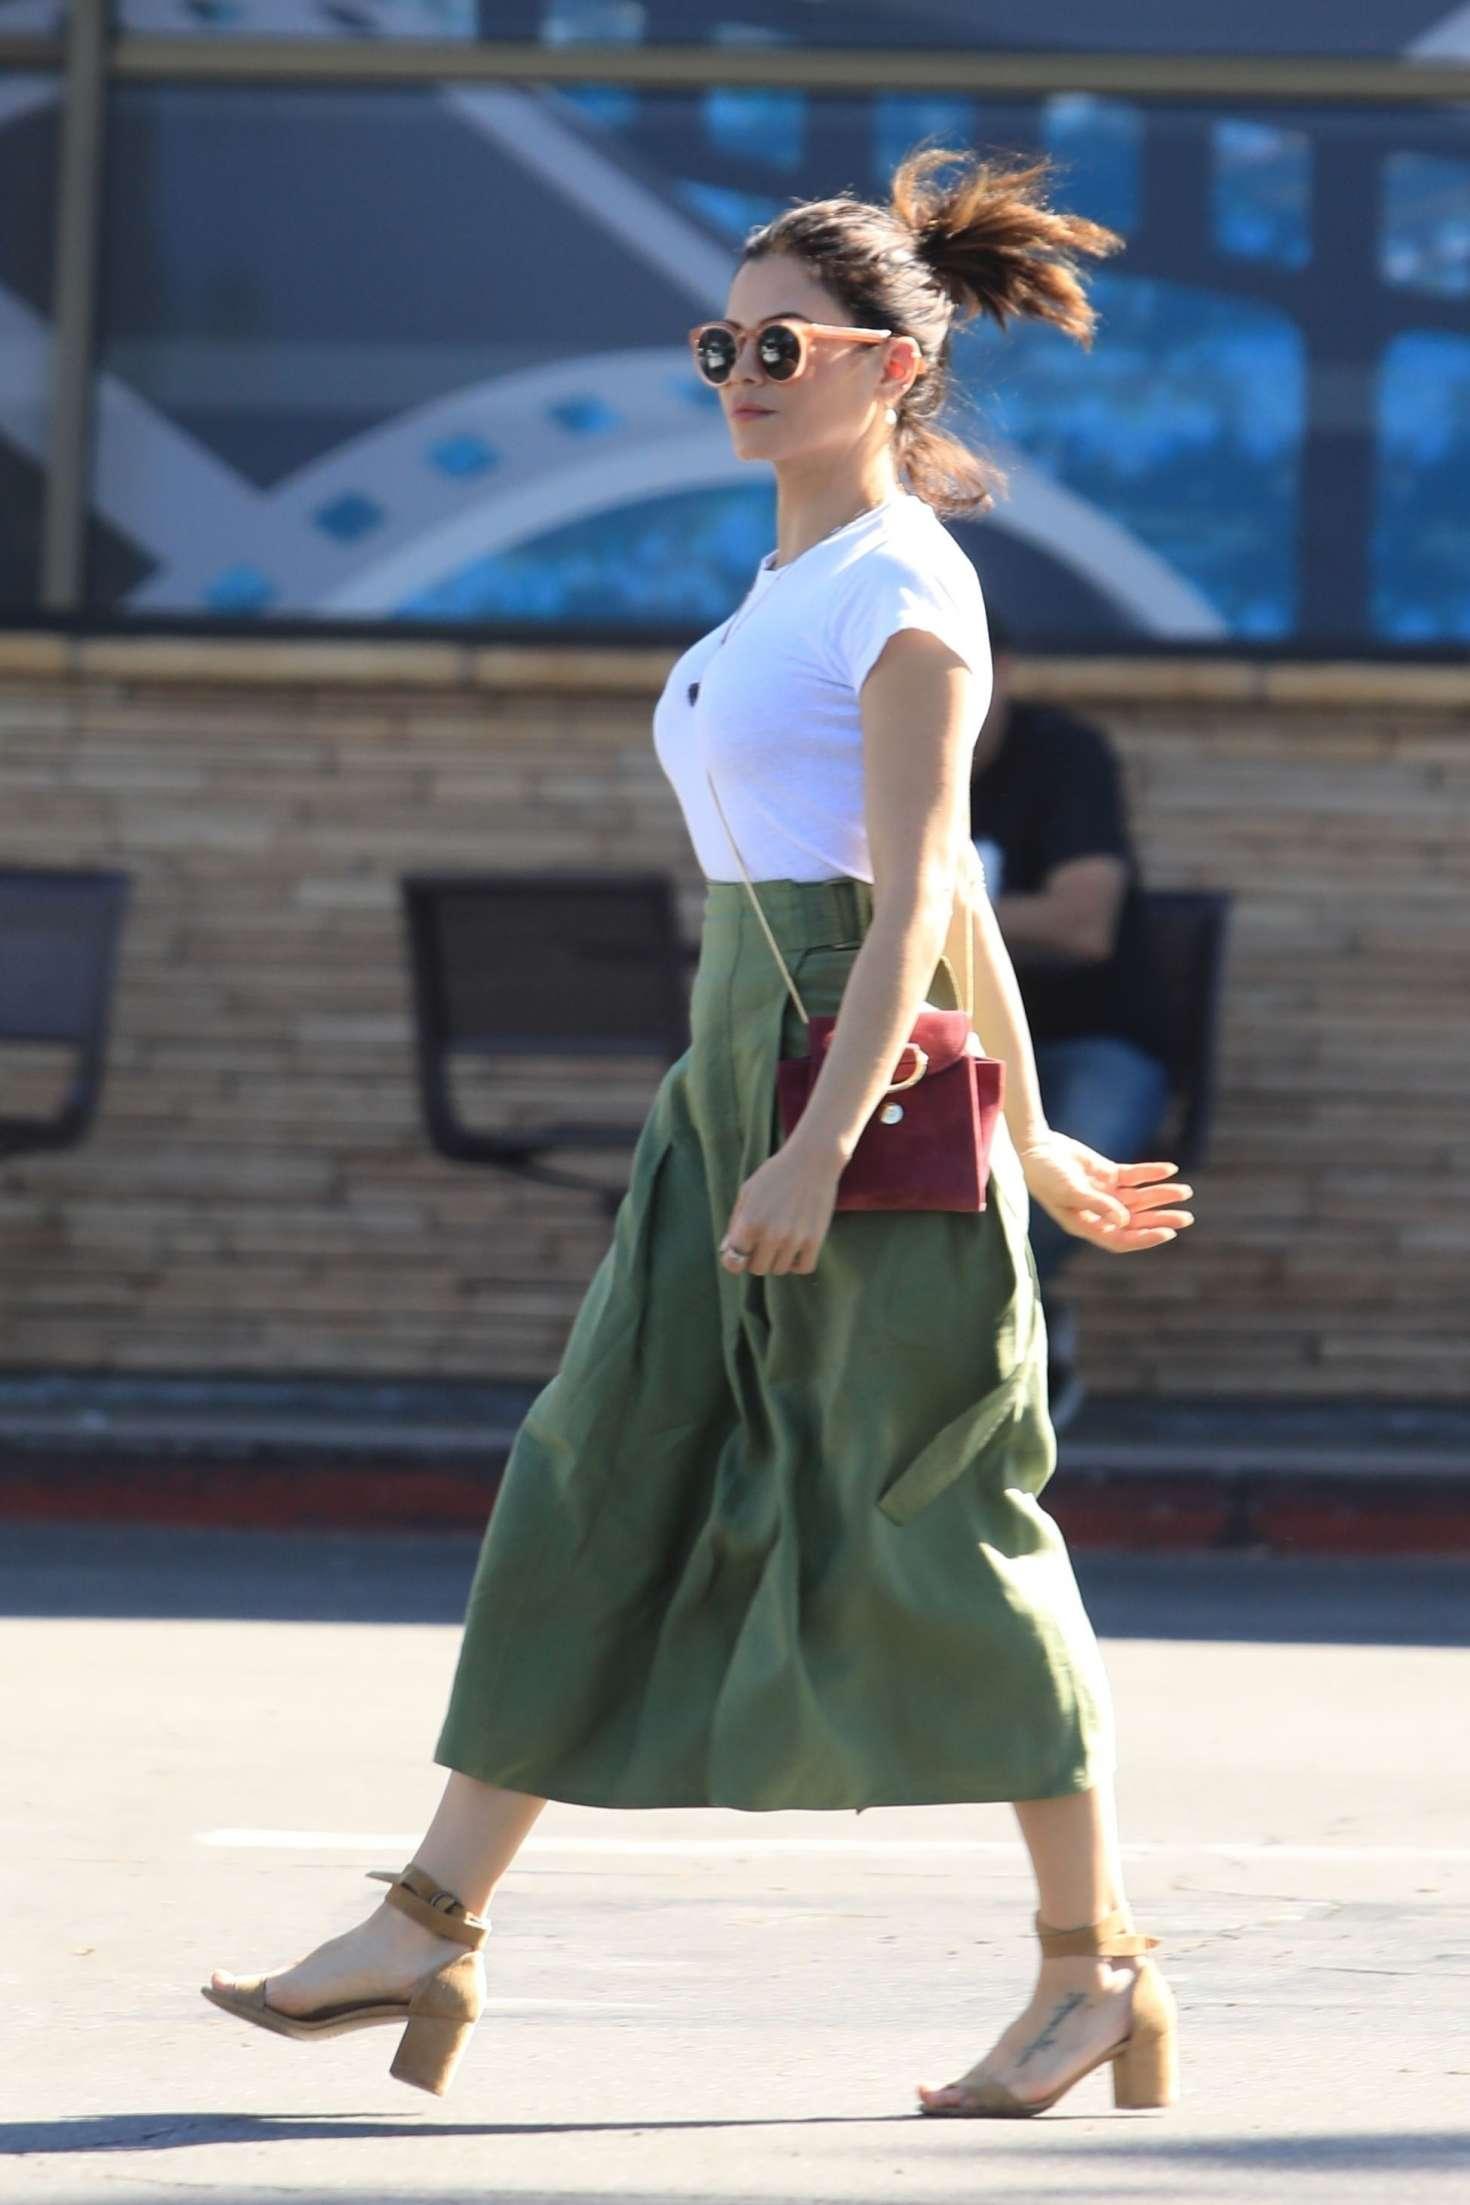 Jenna Dewan 2019 : Jenna Dewan in Green Skirt -03